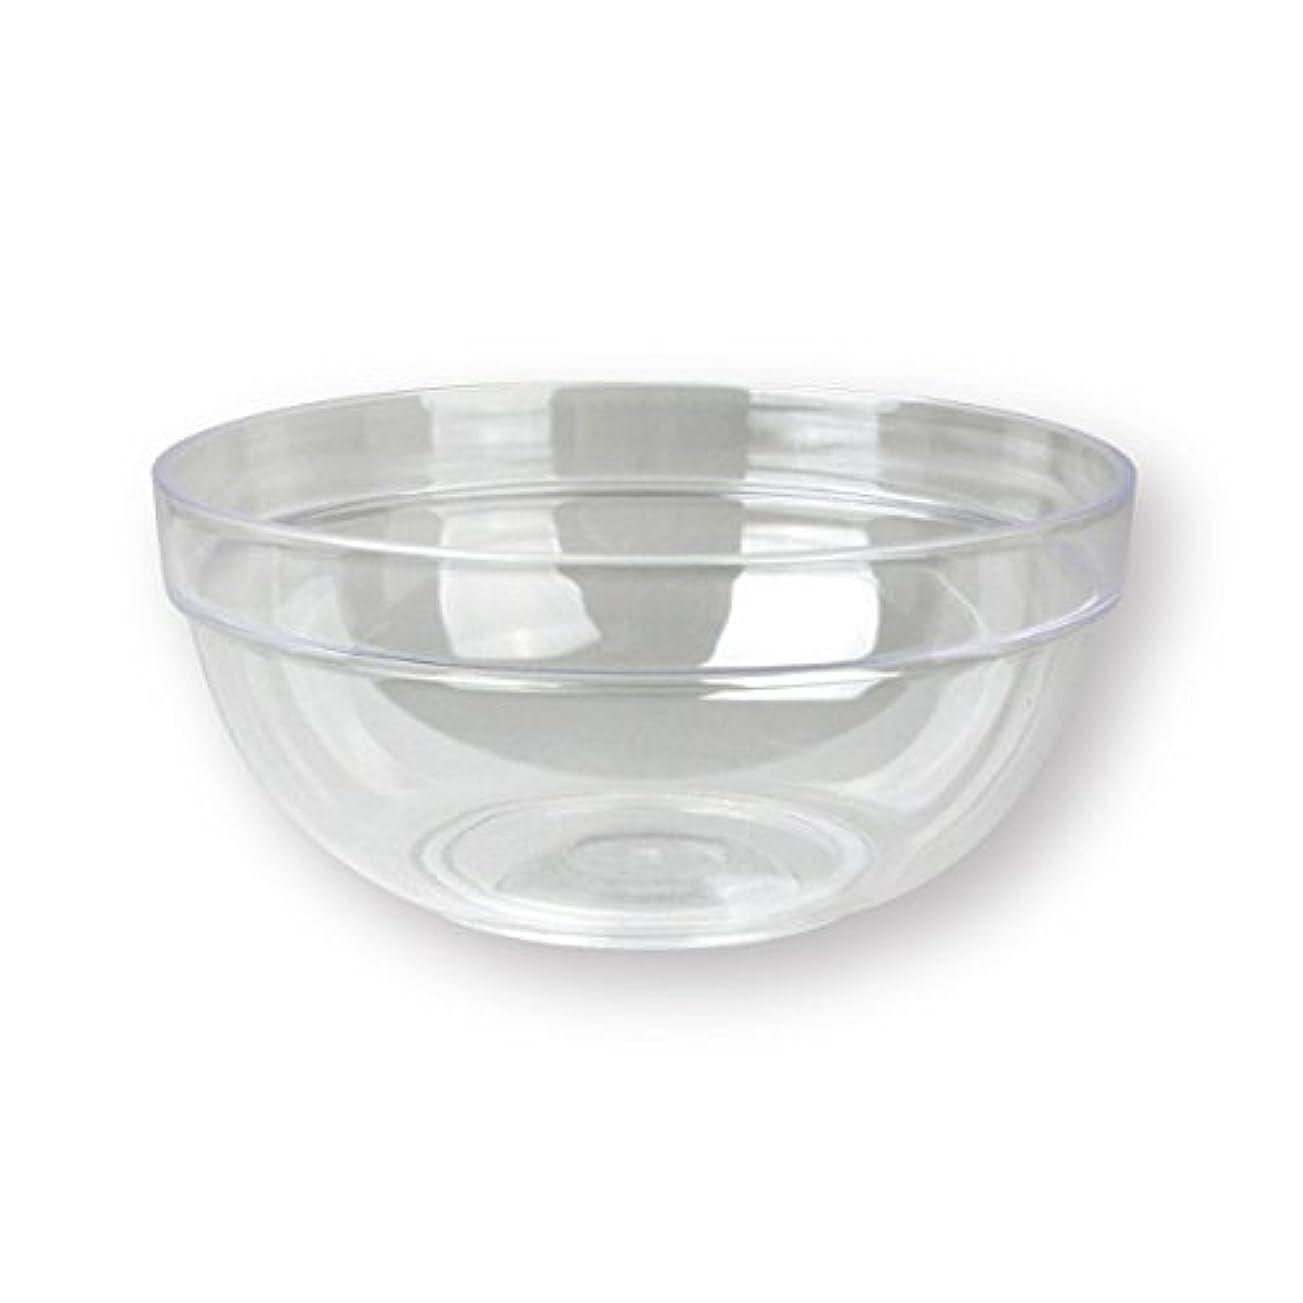 常習者おもしろい迷信4個セットプラスチックボール プラスチック ボウル カップクリア 直径20cm